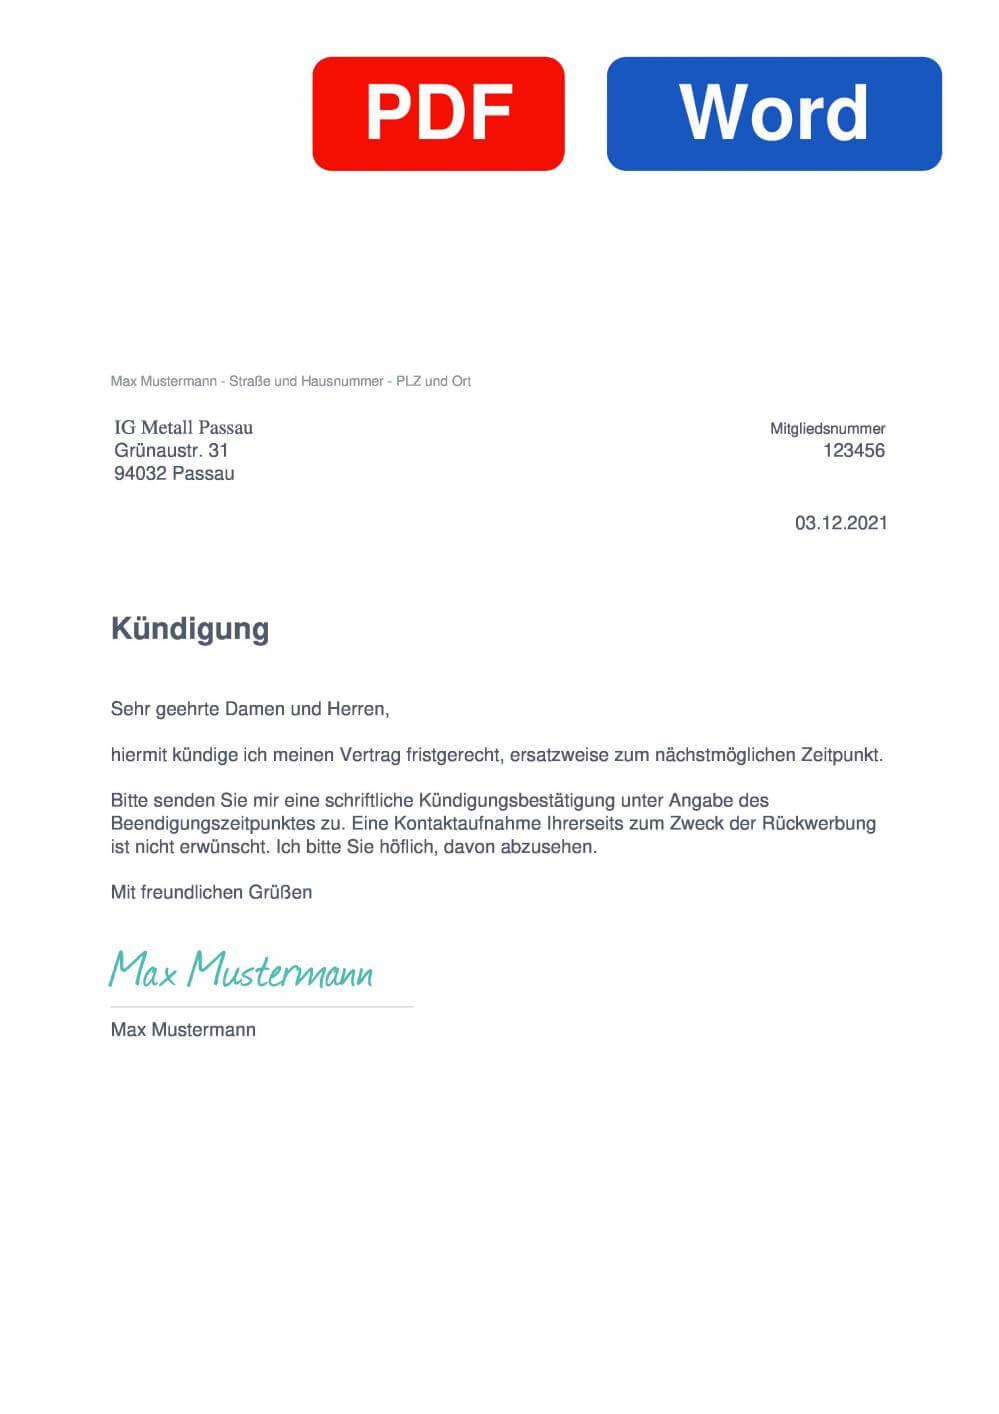 IG Metall Passau Muster Vorlage für Kündigungsschreiben